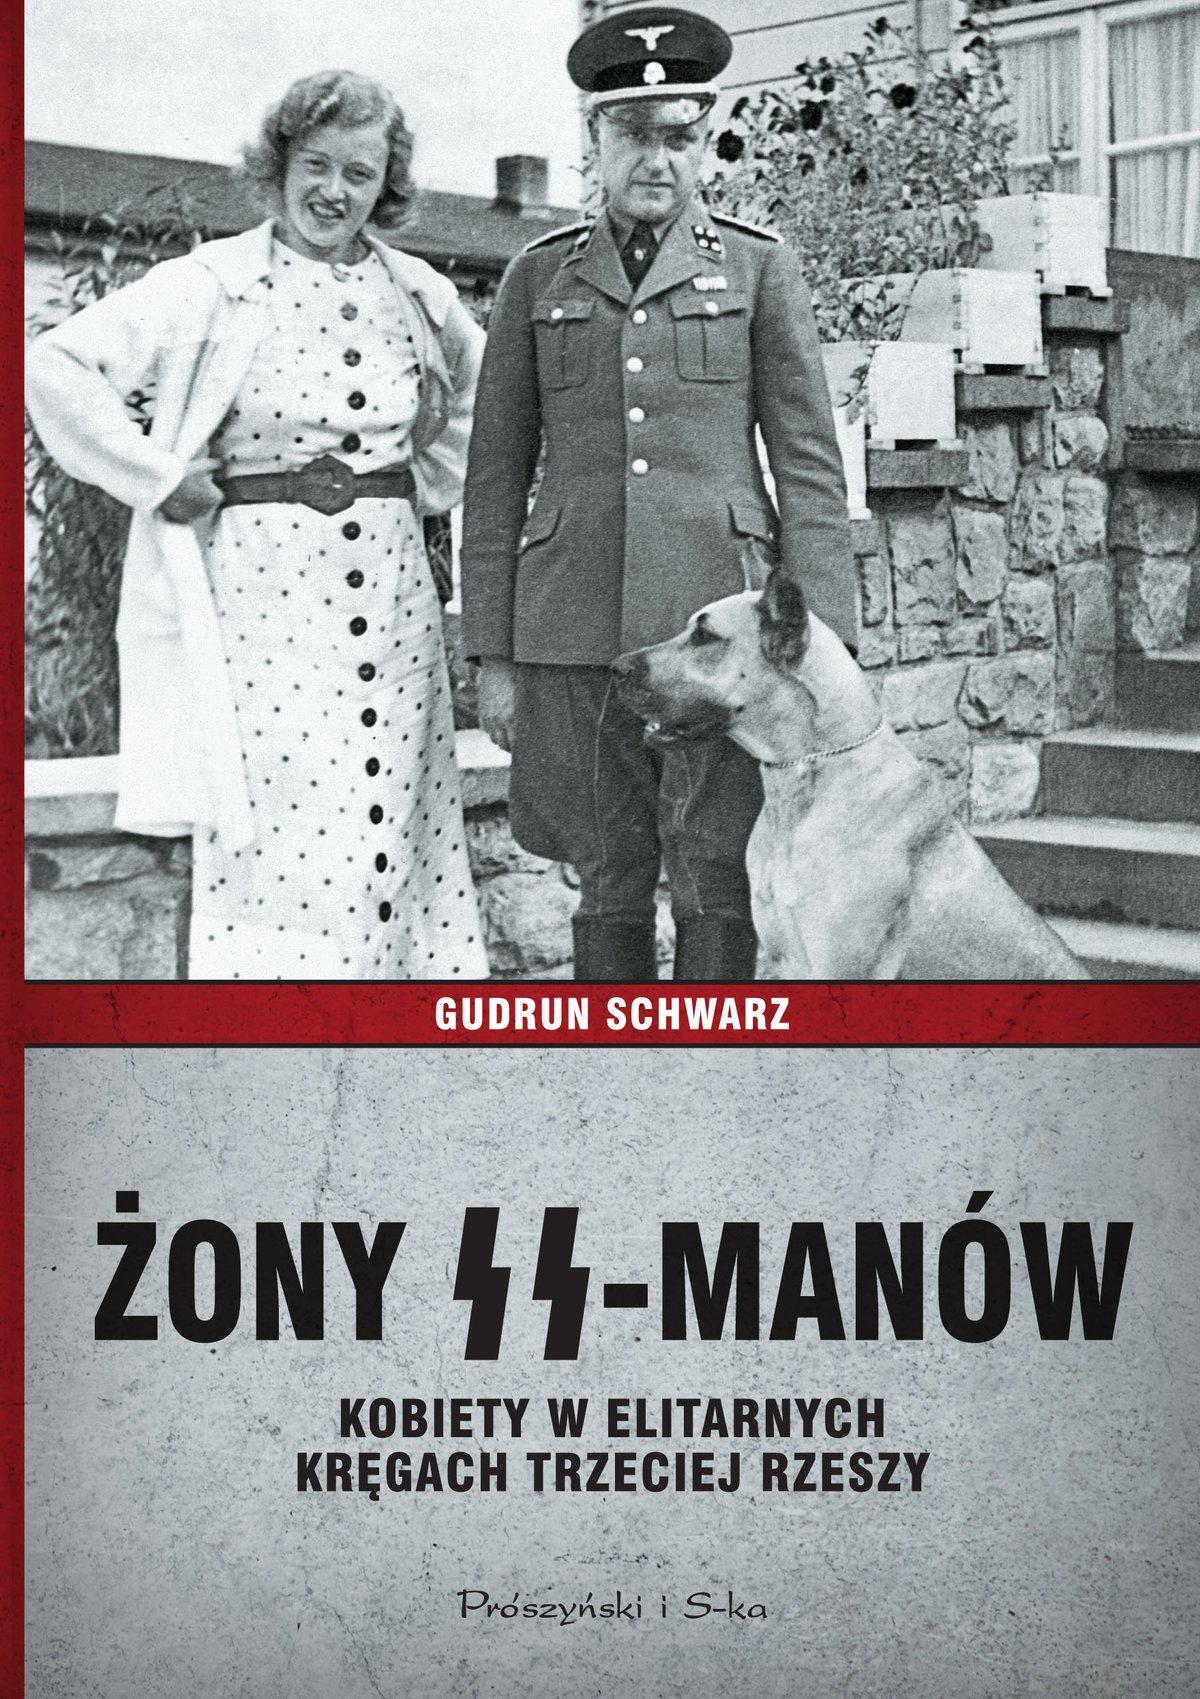 Żony SS-manów. Kobiety w elitarnych kręgach Trzeciej Rzeszy - Ebook (Książka EPUB) do pobrania w formacie EPUB